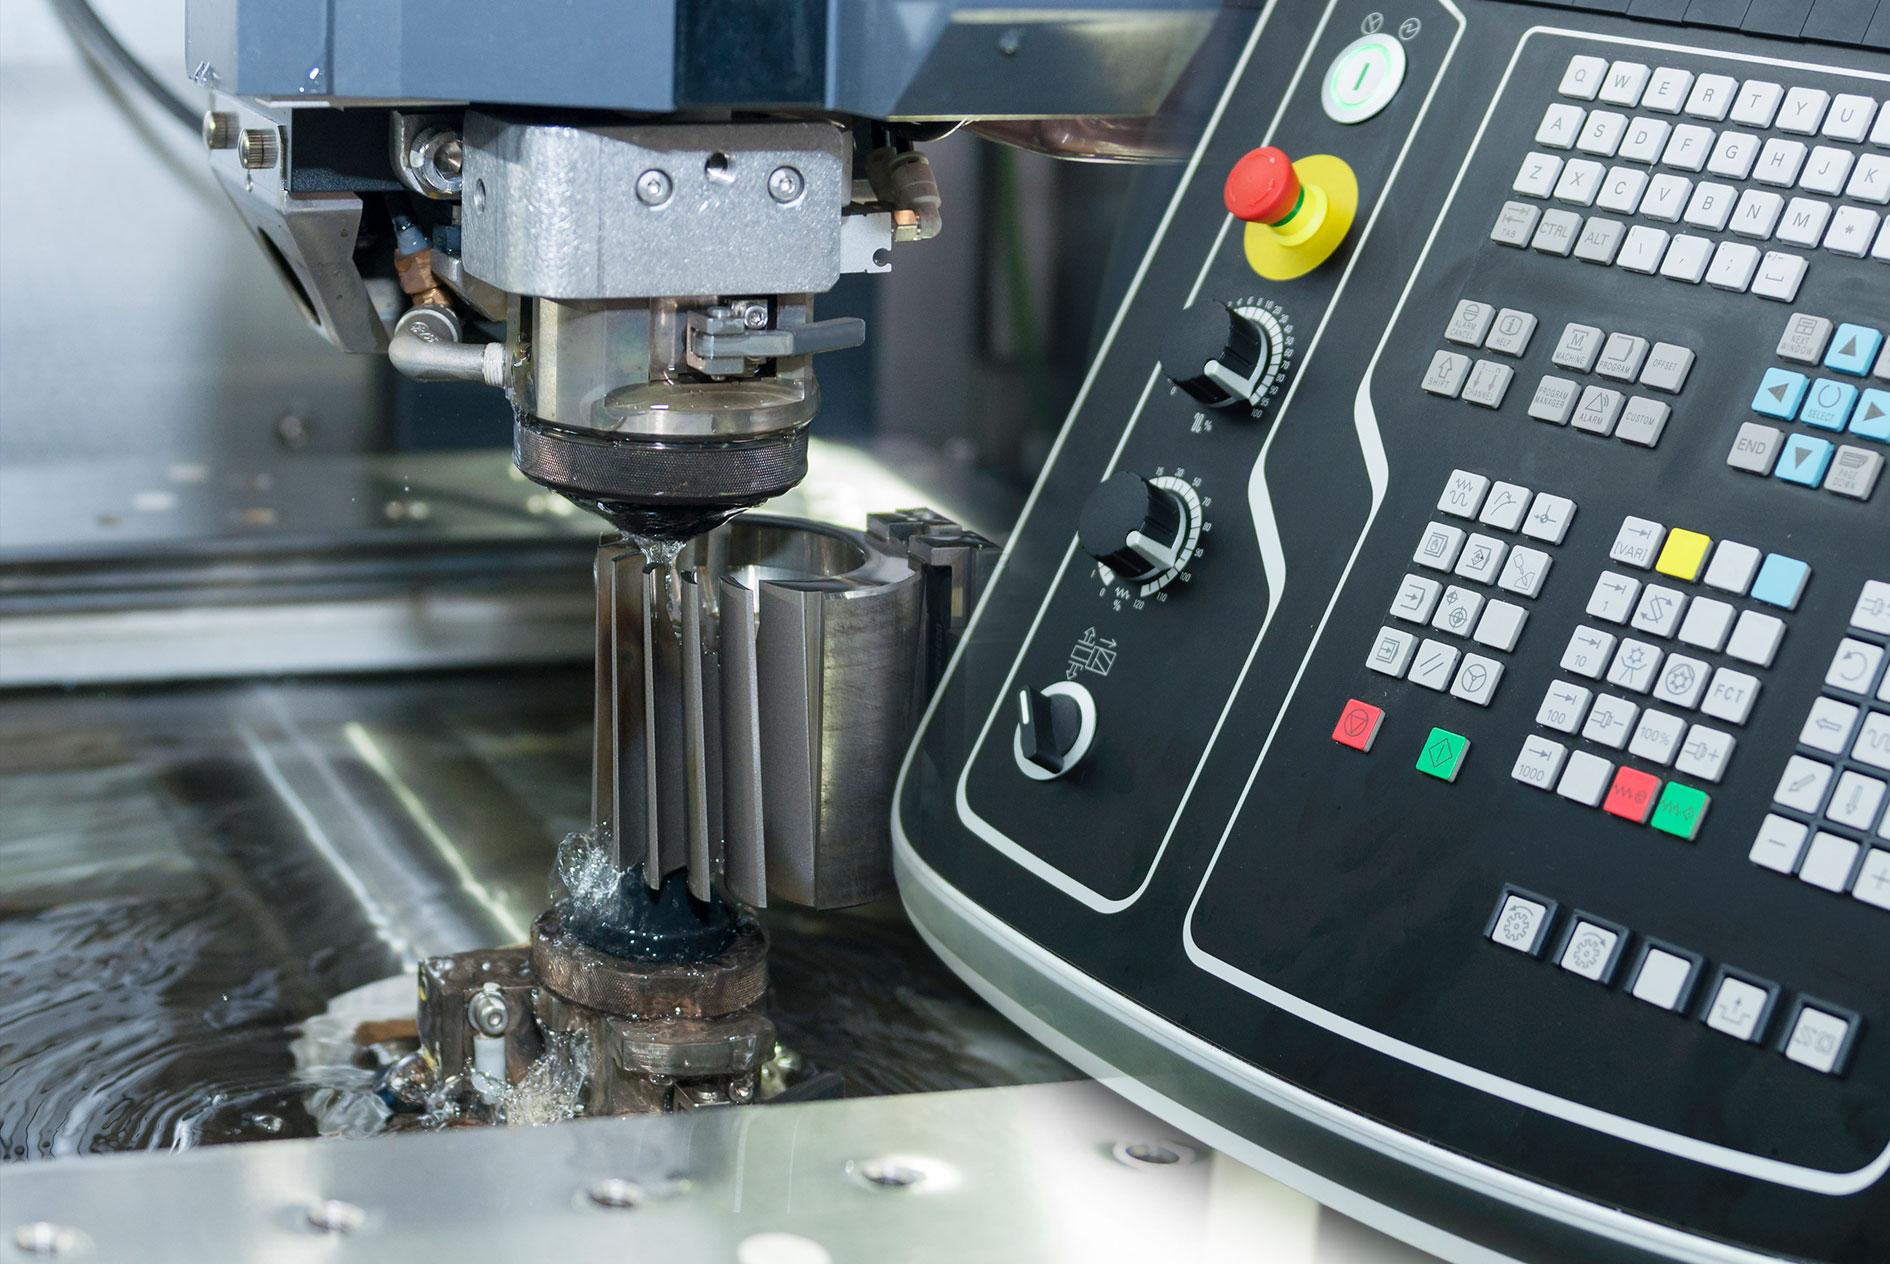 kkkoy-konetehdas-konekanta-laitekanta-konekortti-alihankinta-metalliteollisuus-10